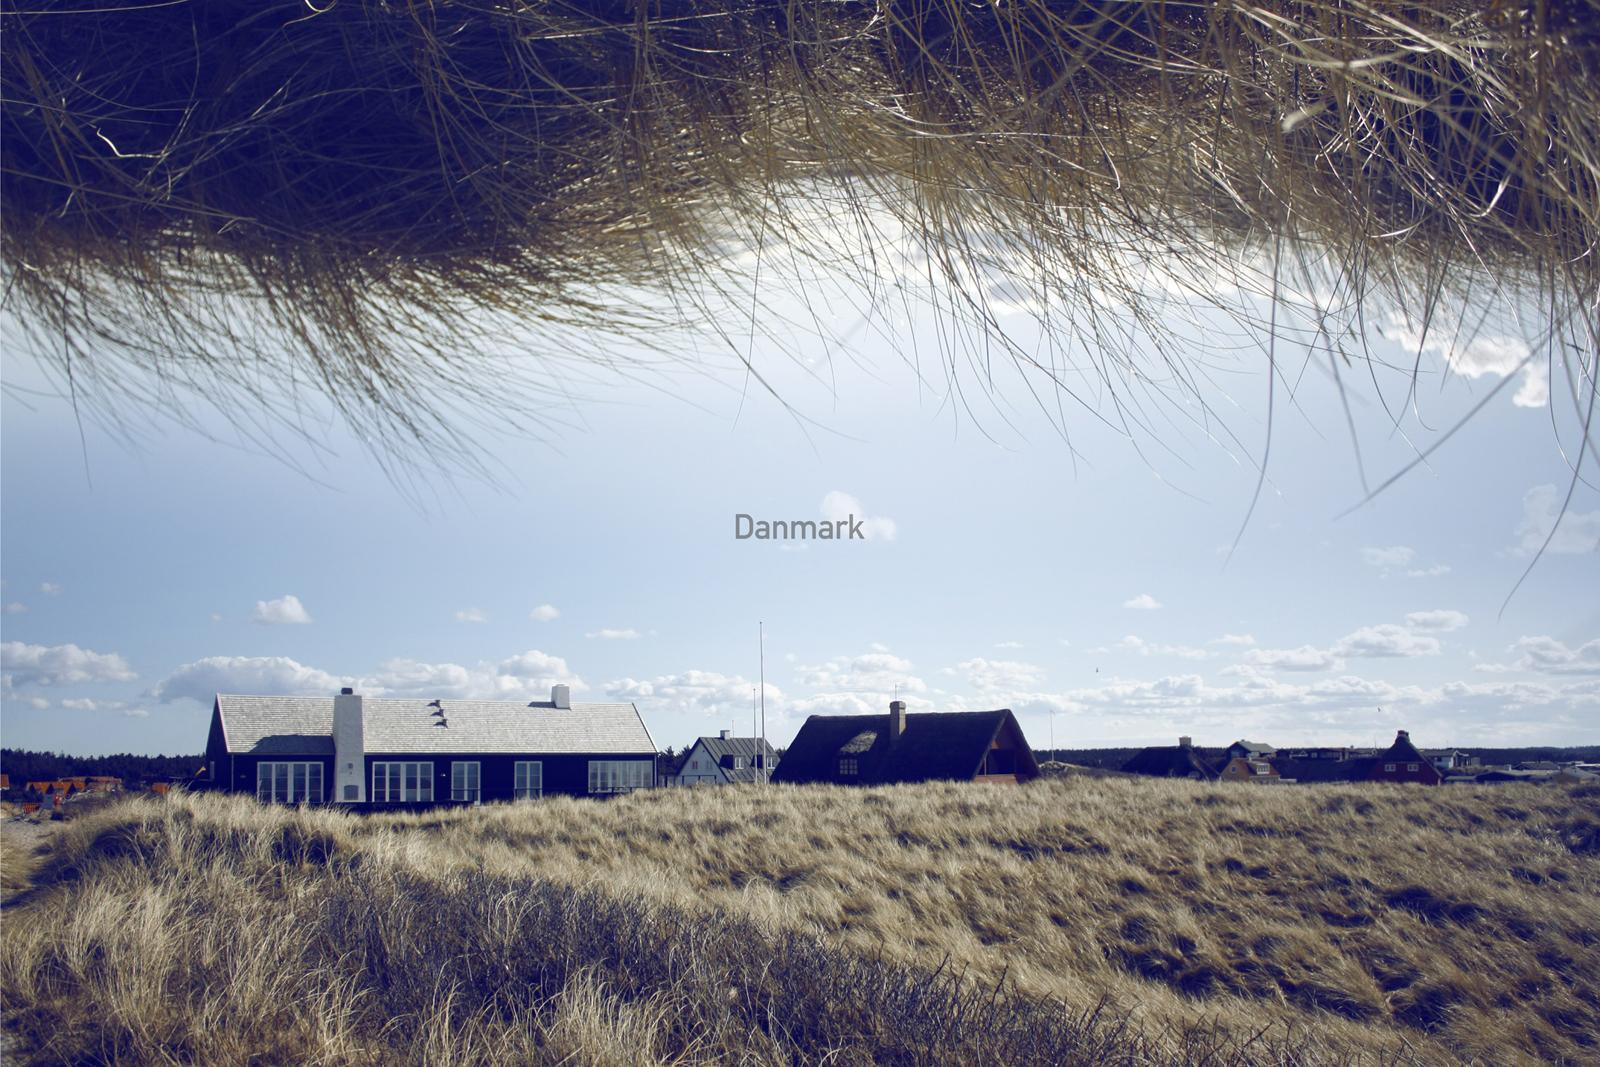 1_Danmark_Denmark.jpg